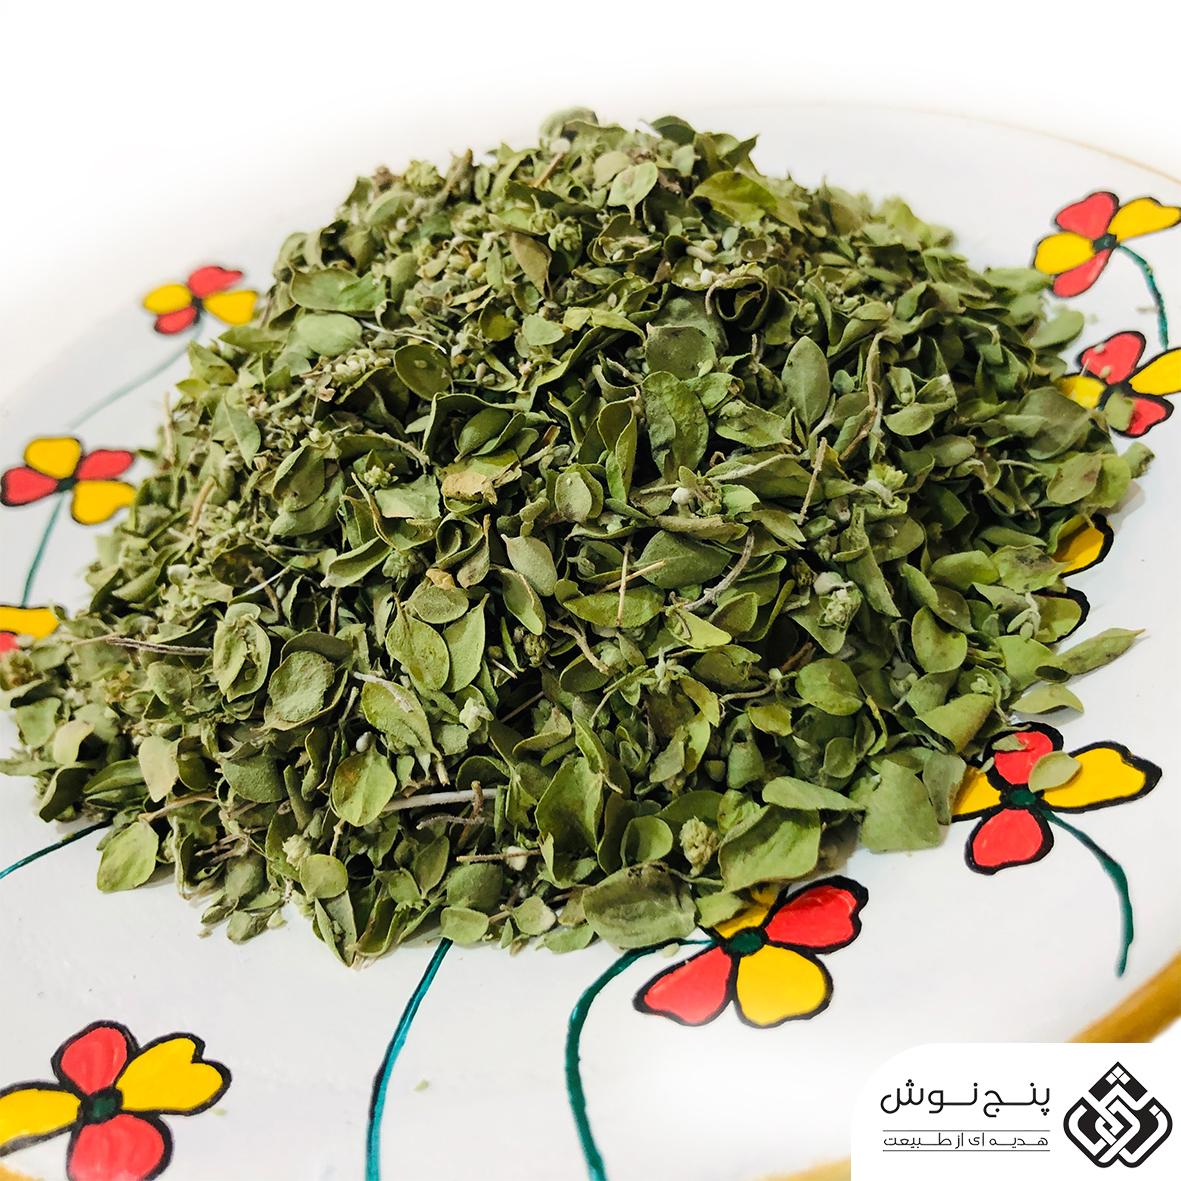 دارو گیاهی آویشن بهترین درمان کننده مشکلات تنفسی